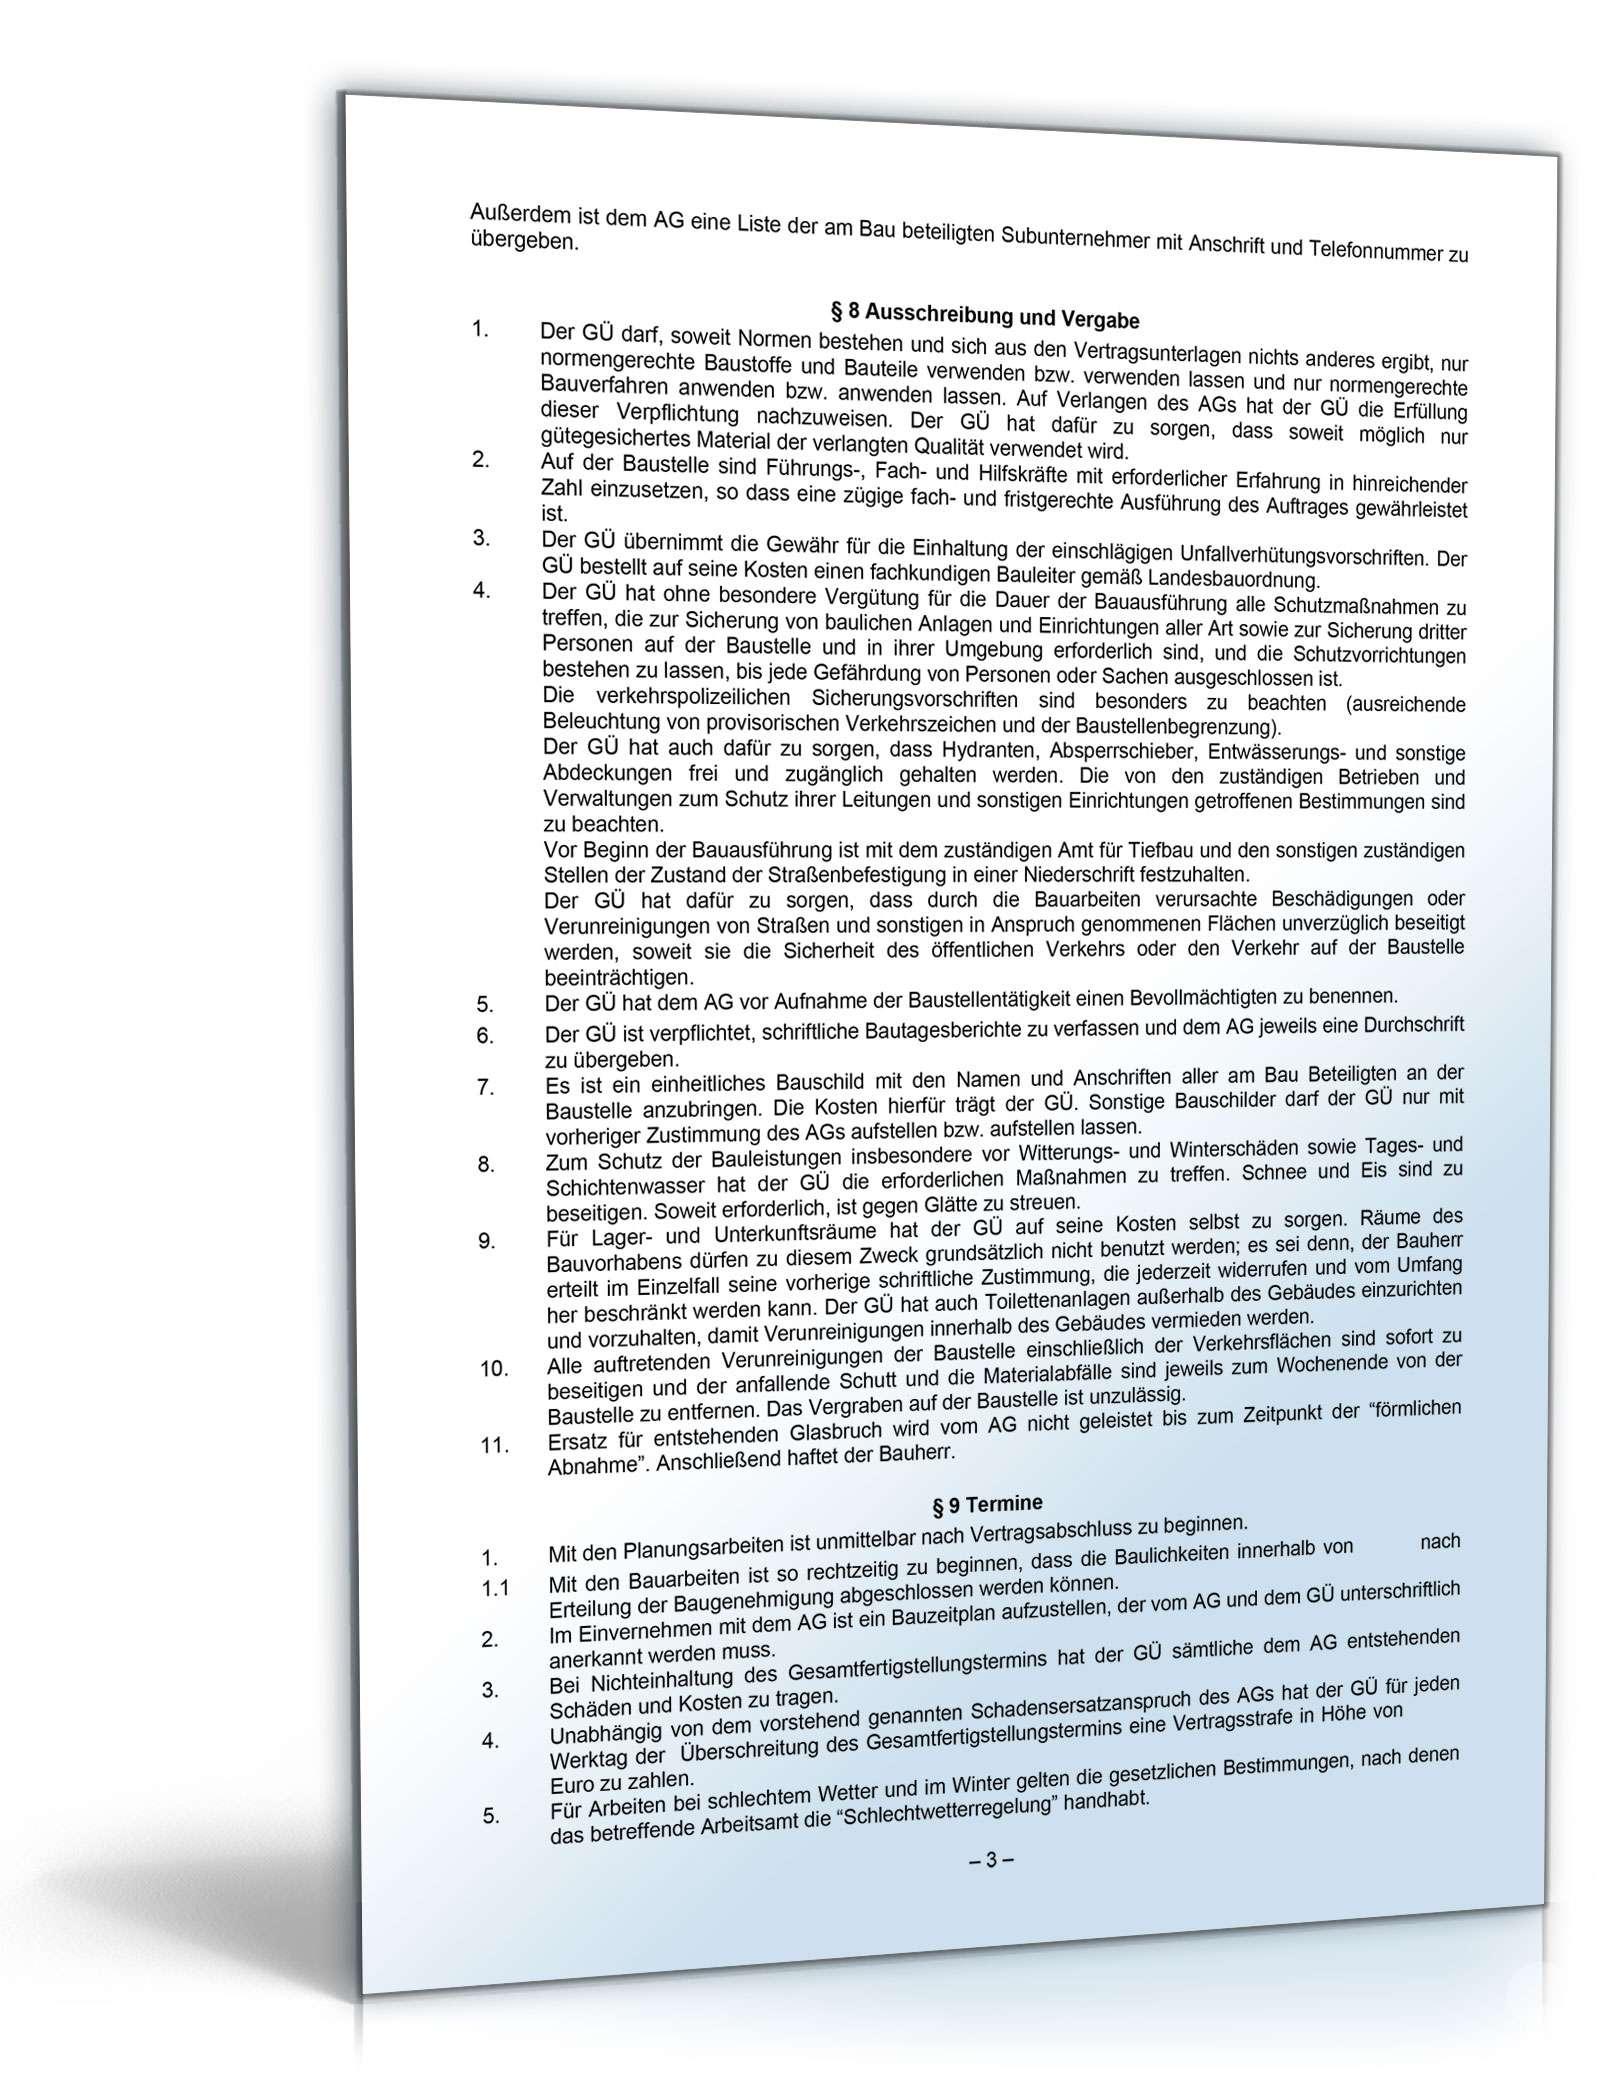 Generalübernehmervertrag Vob Muster Zum Download